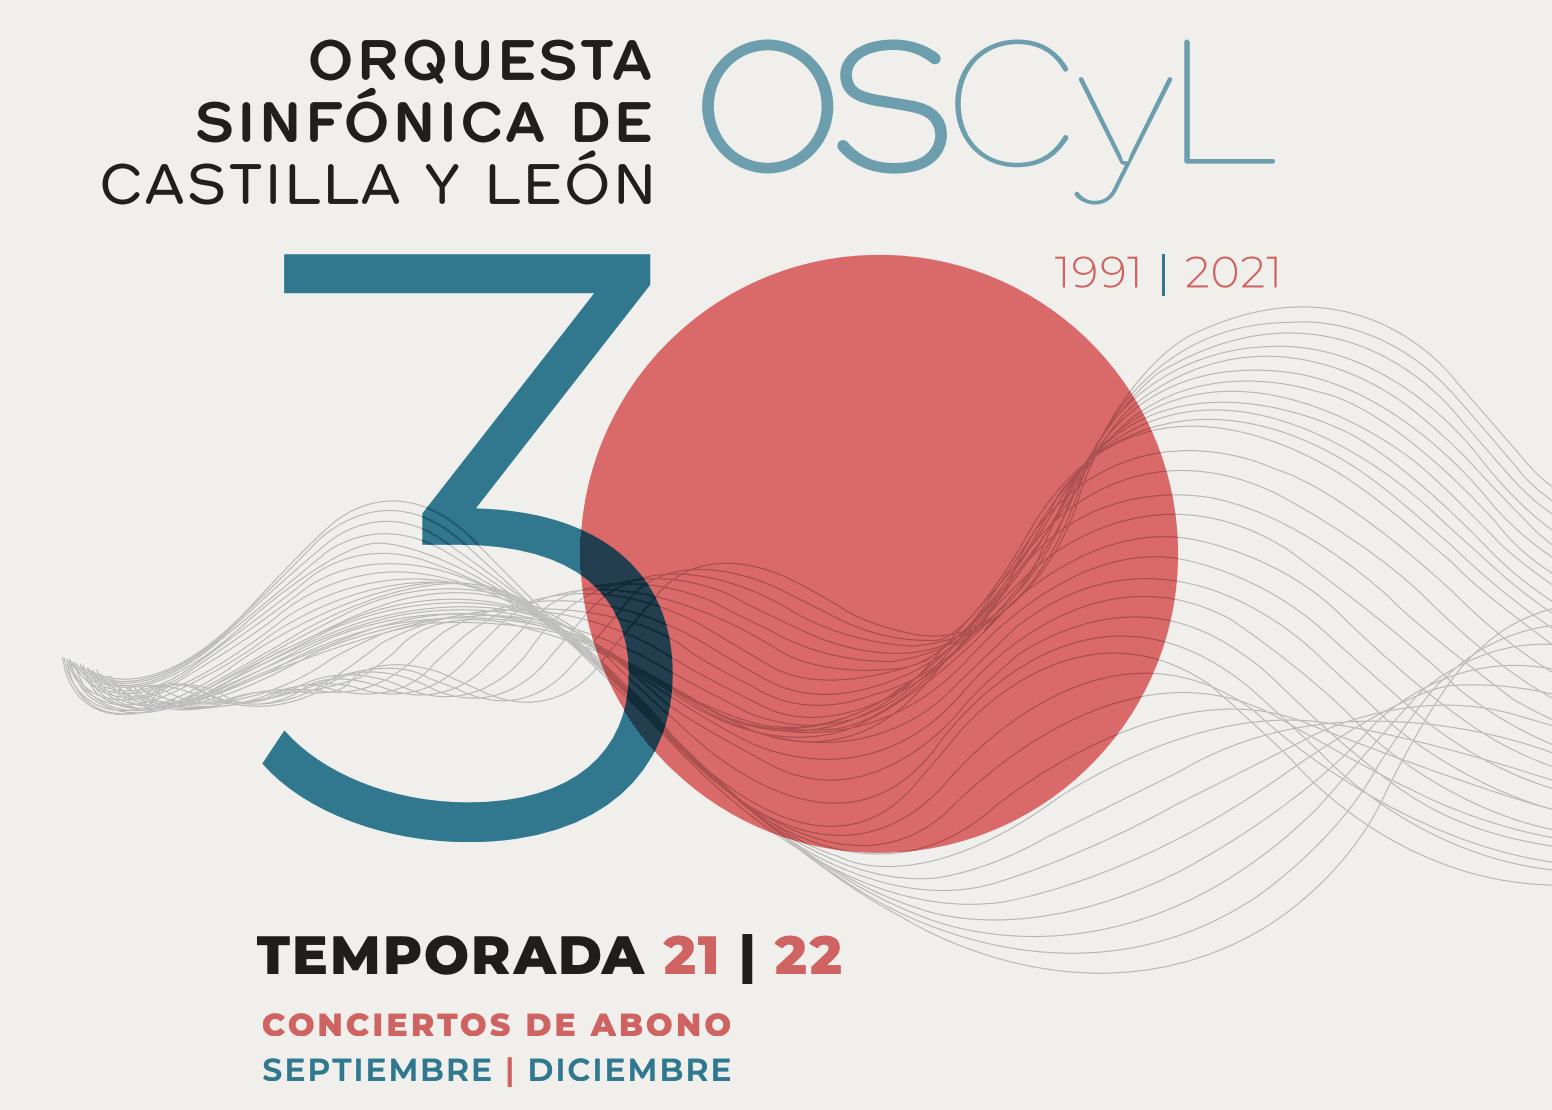 La Orquesta Sinfónica de Castilla y León presenta un abono de otoño con los que celebra su 30º aniversario